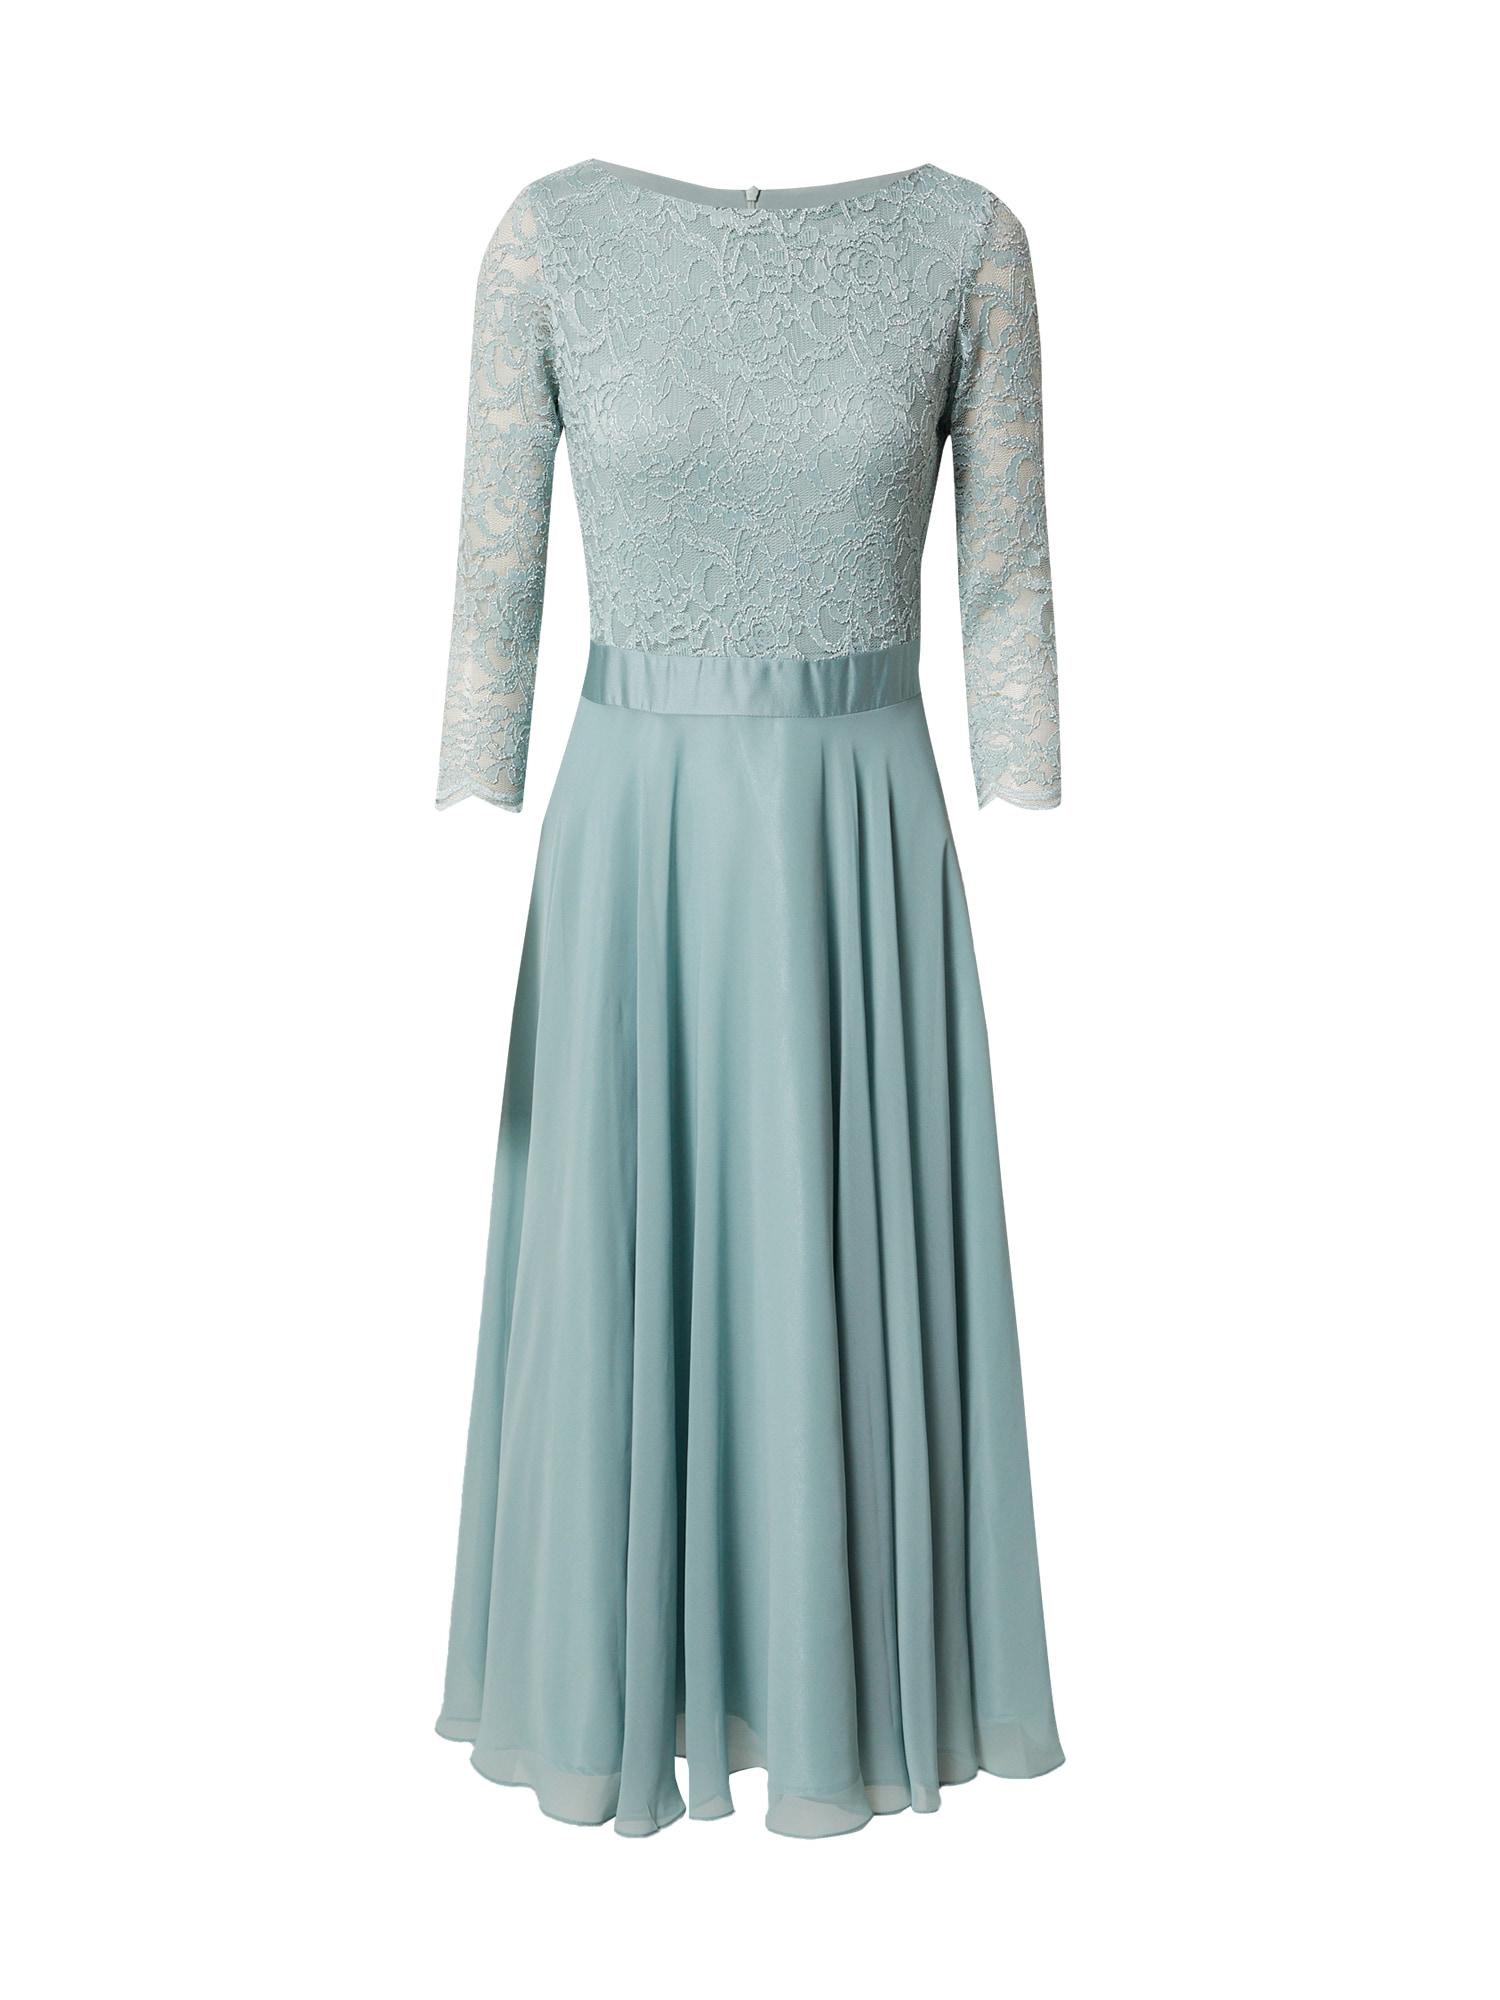 SWING Vakarinė suknelė pastelinė mėlyna